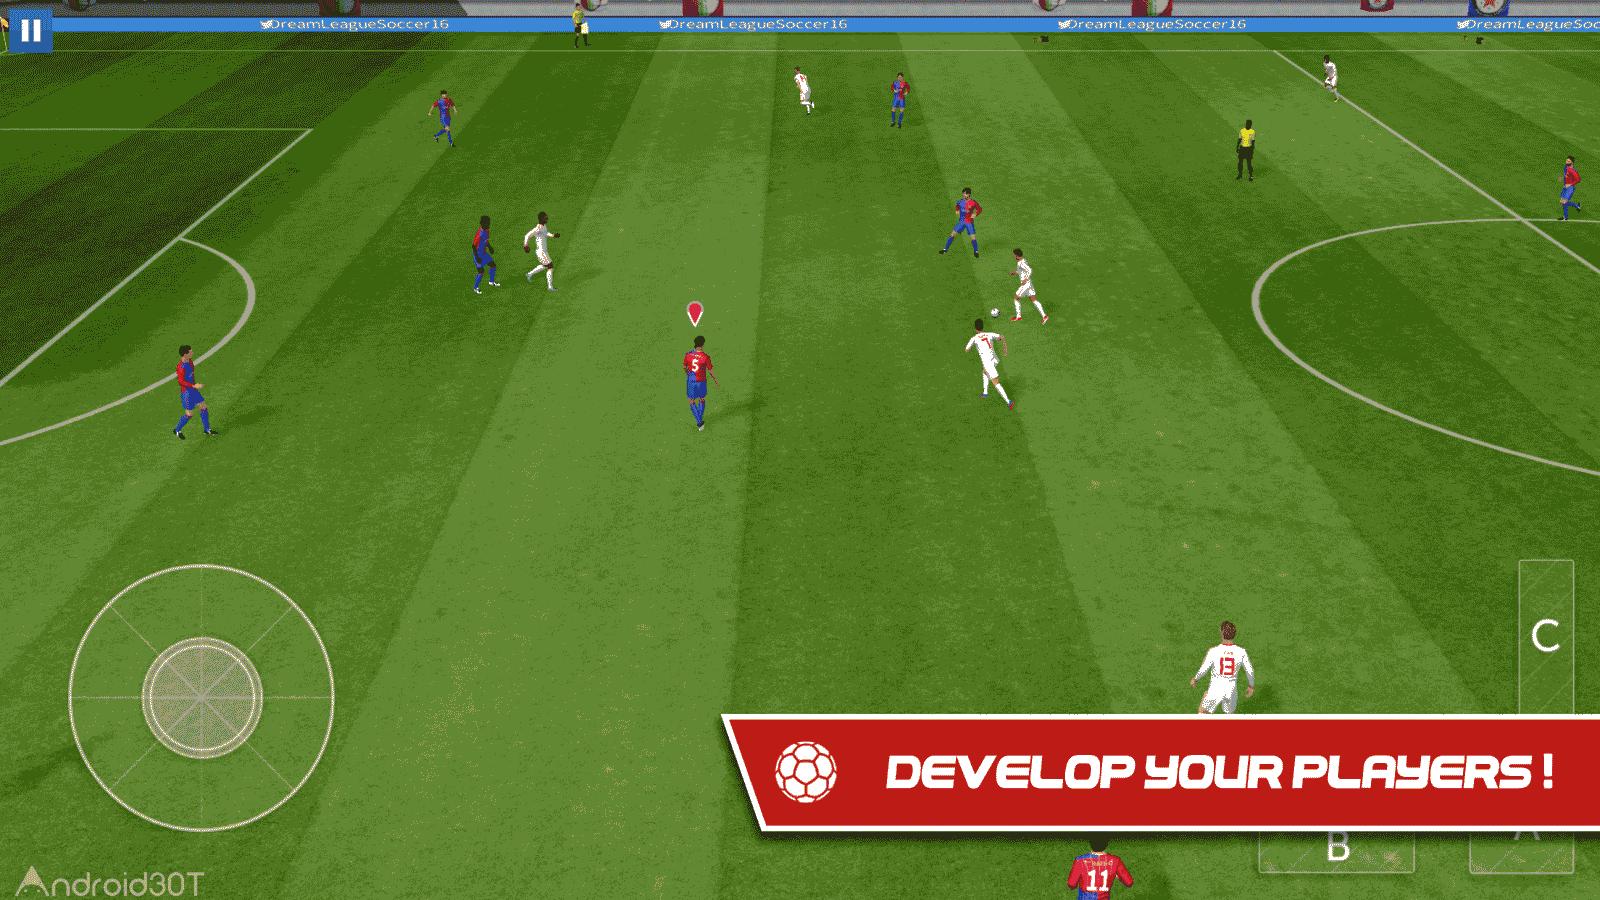 دانلود Dream League Soccer 2019 6.04 – بازی گرافیکی لیگ فوتبال اندروید